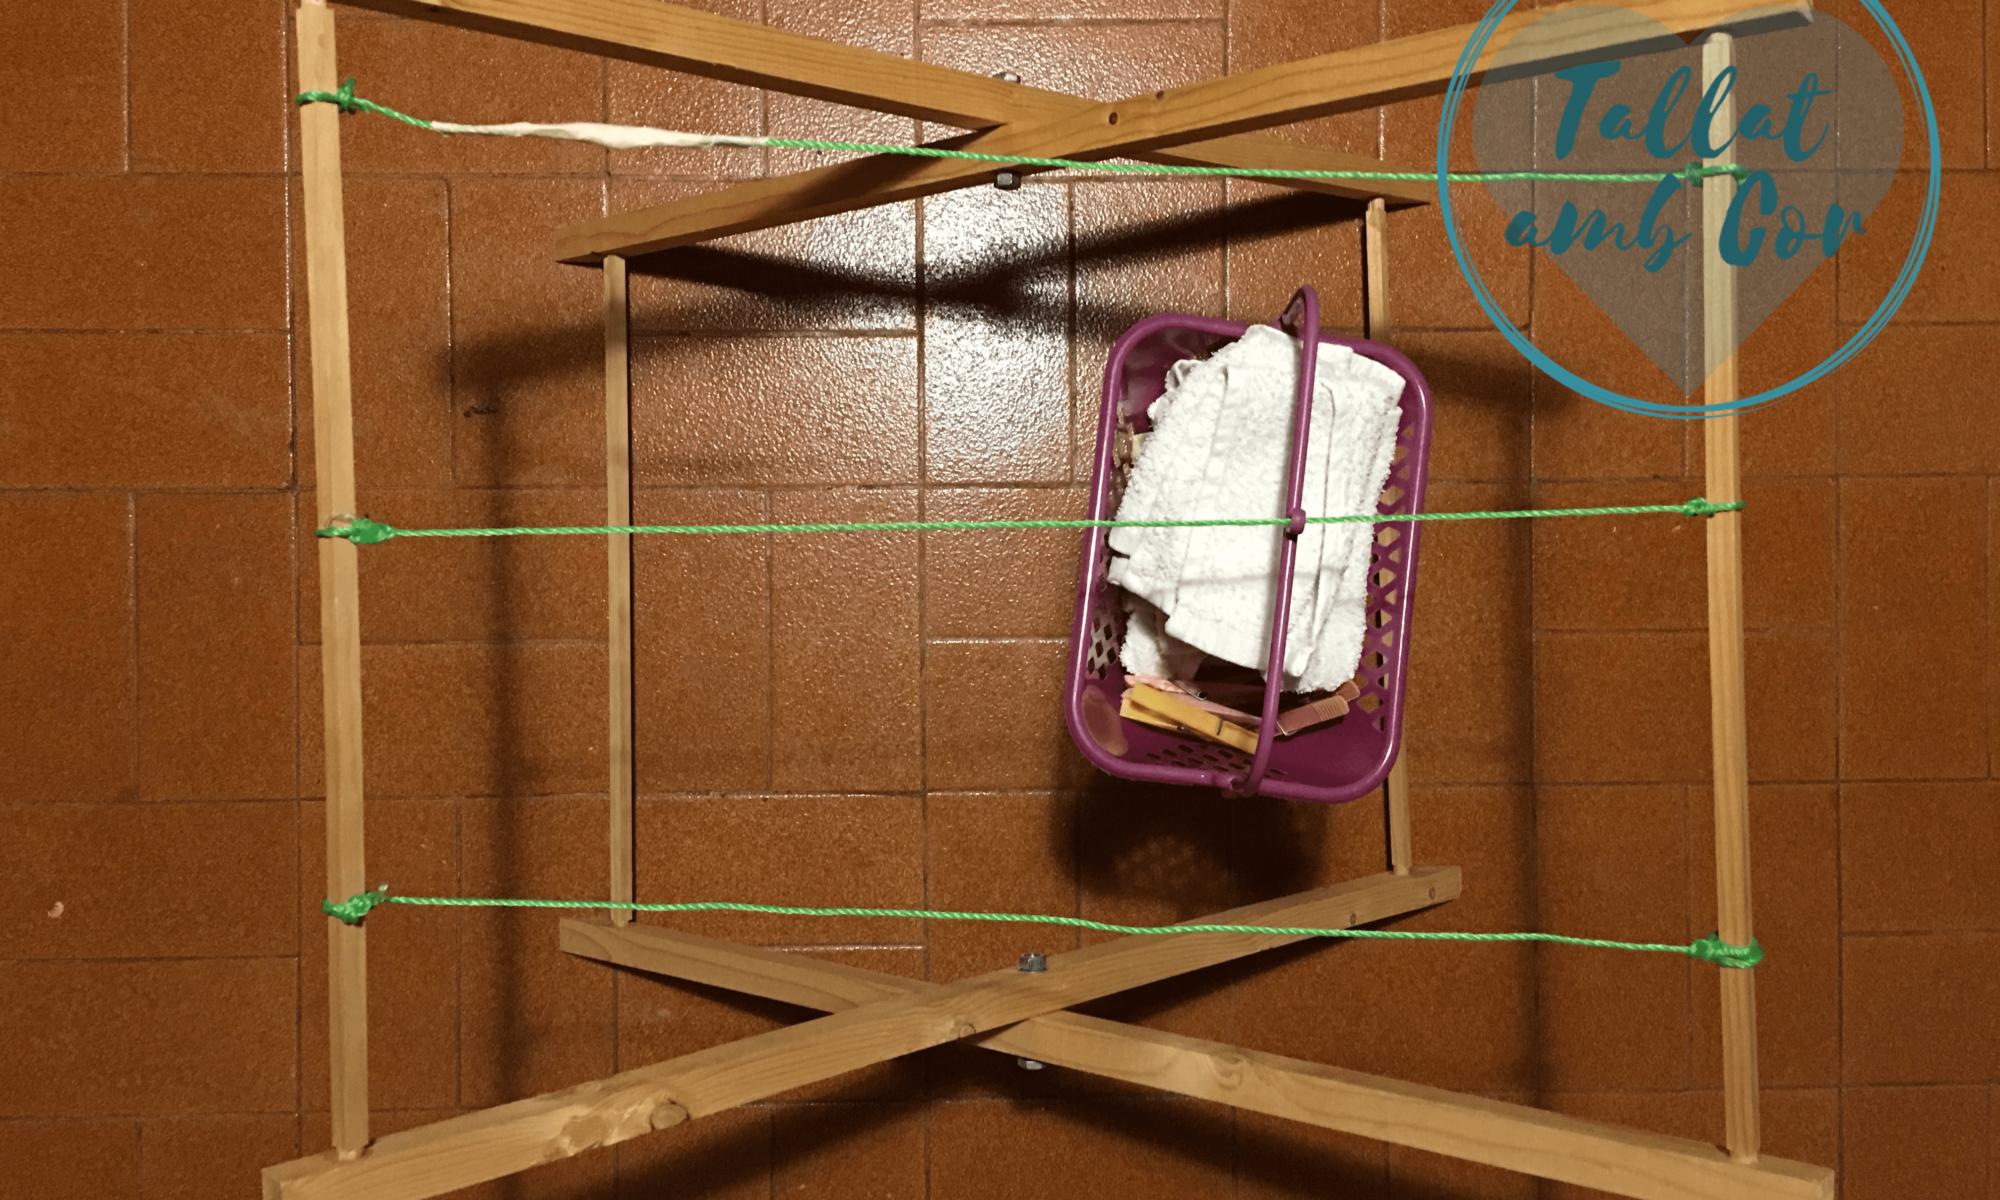 Vista superior del tendedero infantil hecho en casa con cesta colgando de uno de los hilos.